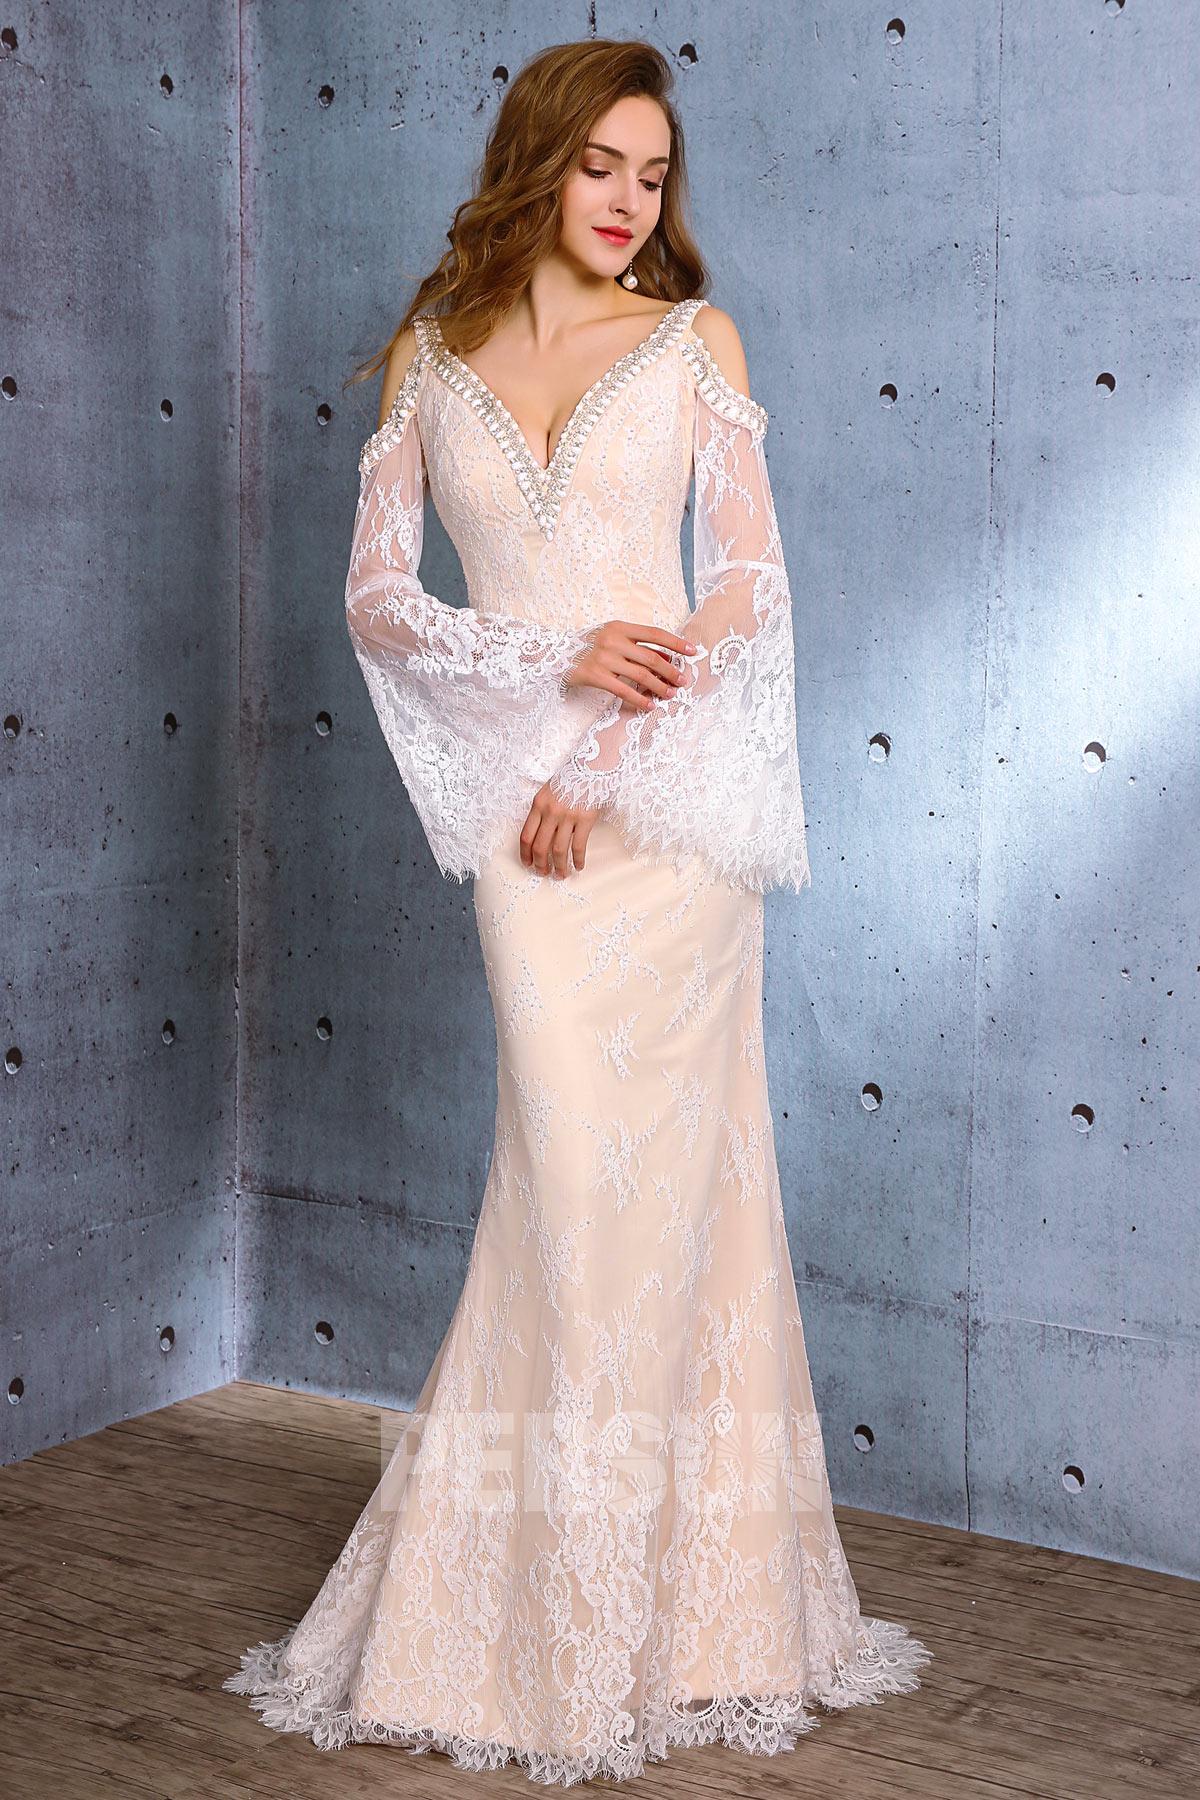 robe mariée sirène champagne claire col v épaule dégagée avec manche longue évasée en dentelle florale